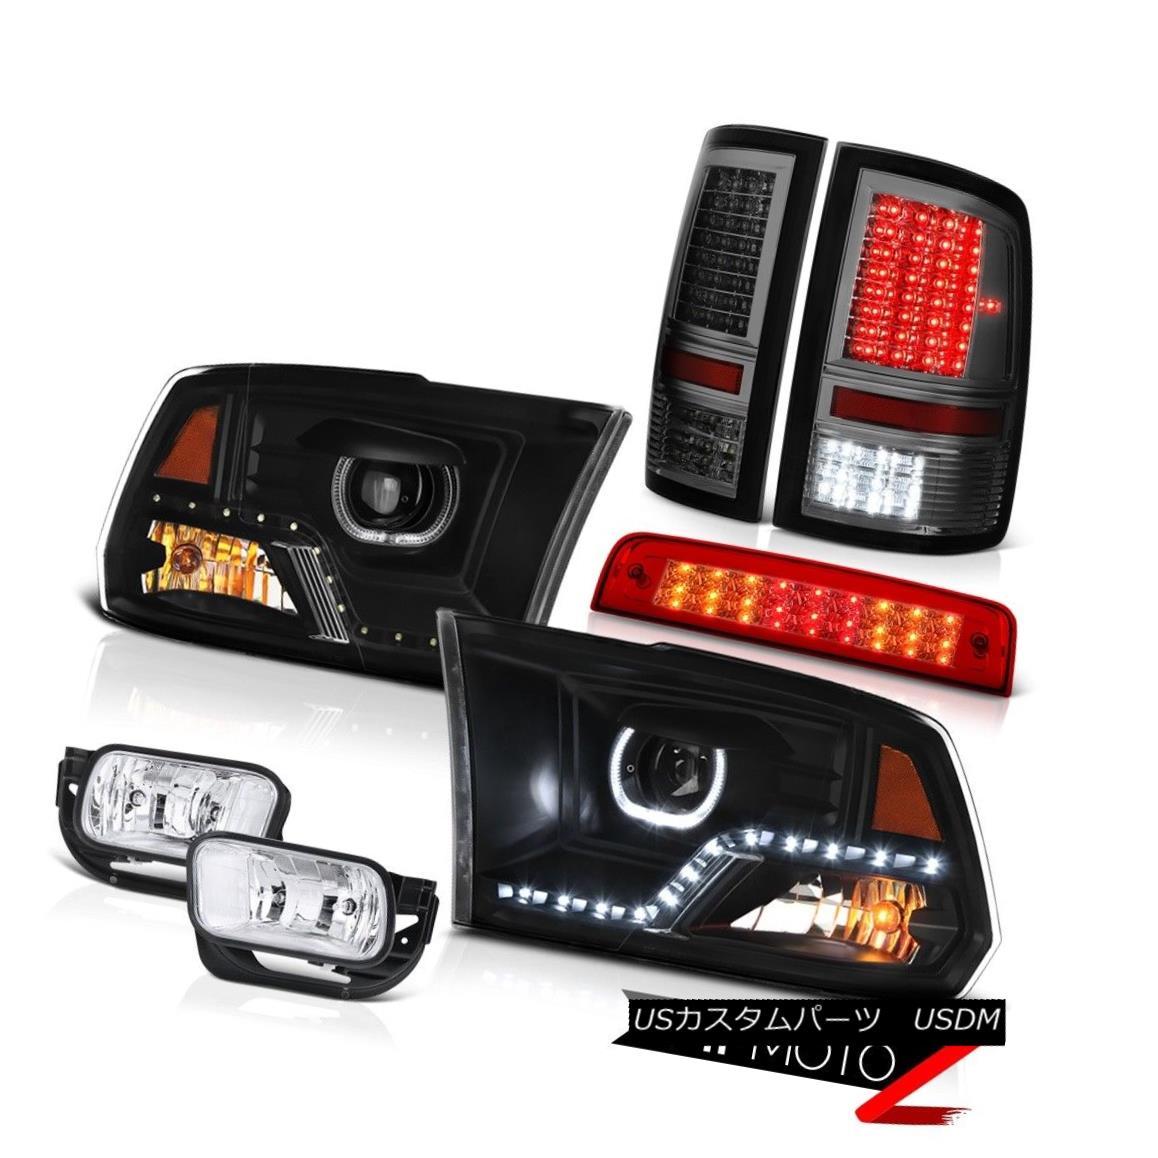 テールライト 2010-2018 Dodge RAM 2500 3500 Head Lamp Red Brake Light Tail Fog Lamps Assembly 2010-2018ダッジRAM 2500 3500ヘッドランプレッドブレーキライトテールフォグランプアセンブリ